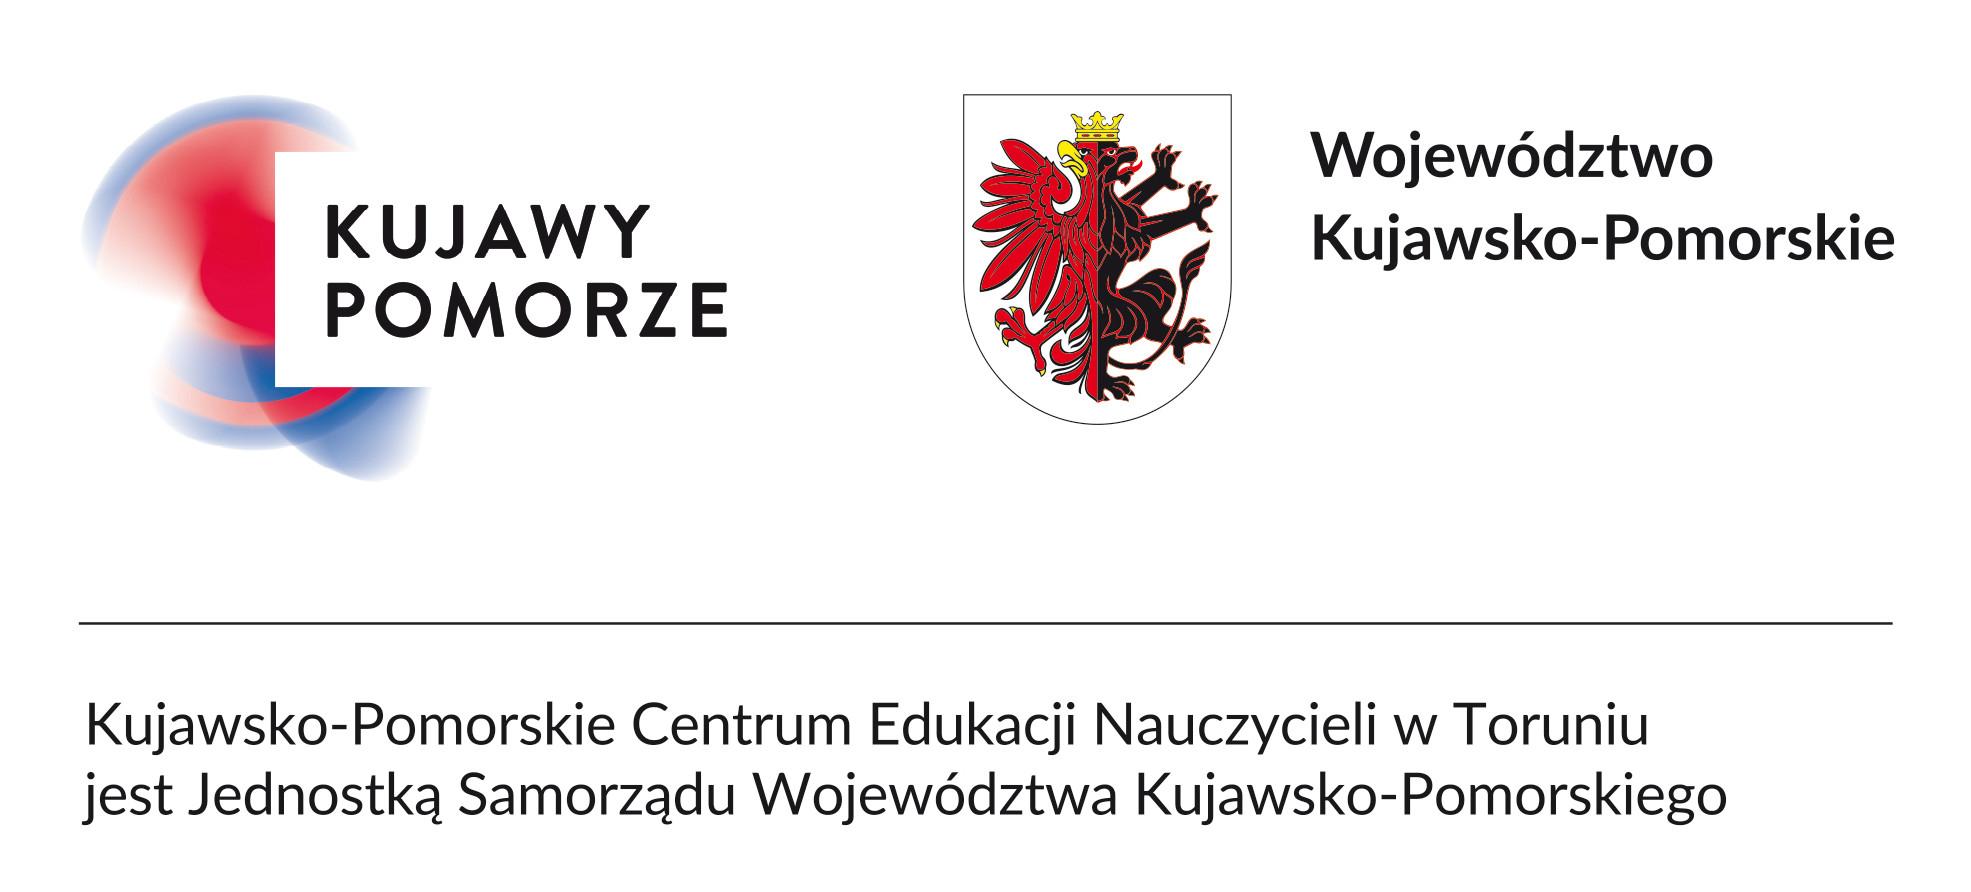 kujawsko-pomorskie centrum edukacji nauczycieli w toruniu